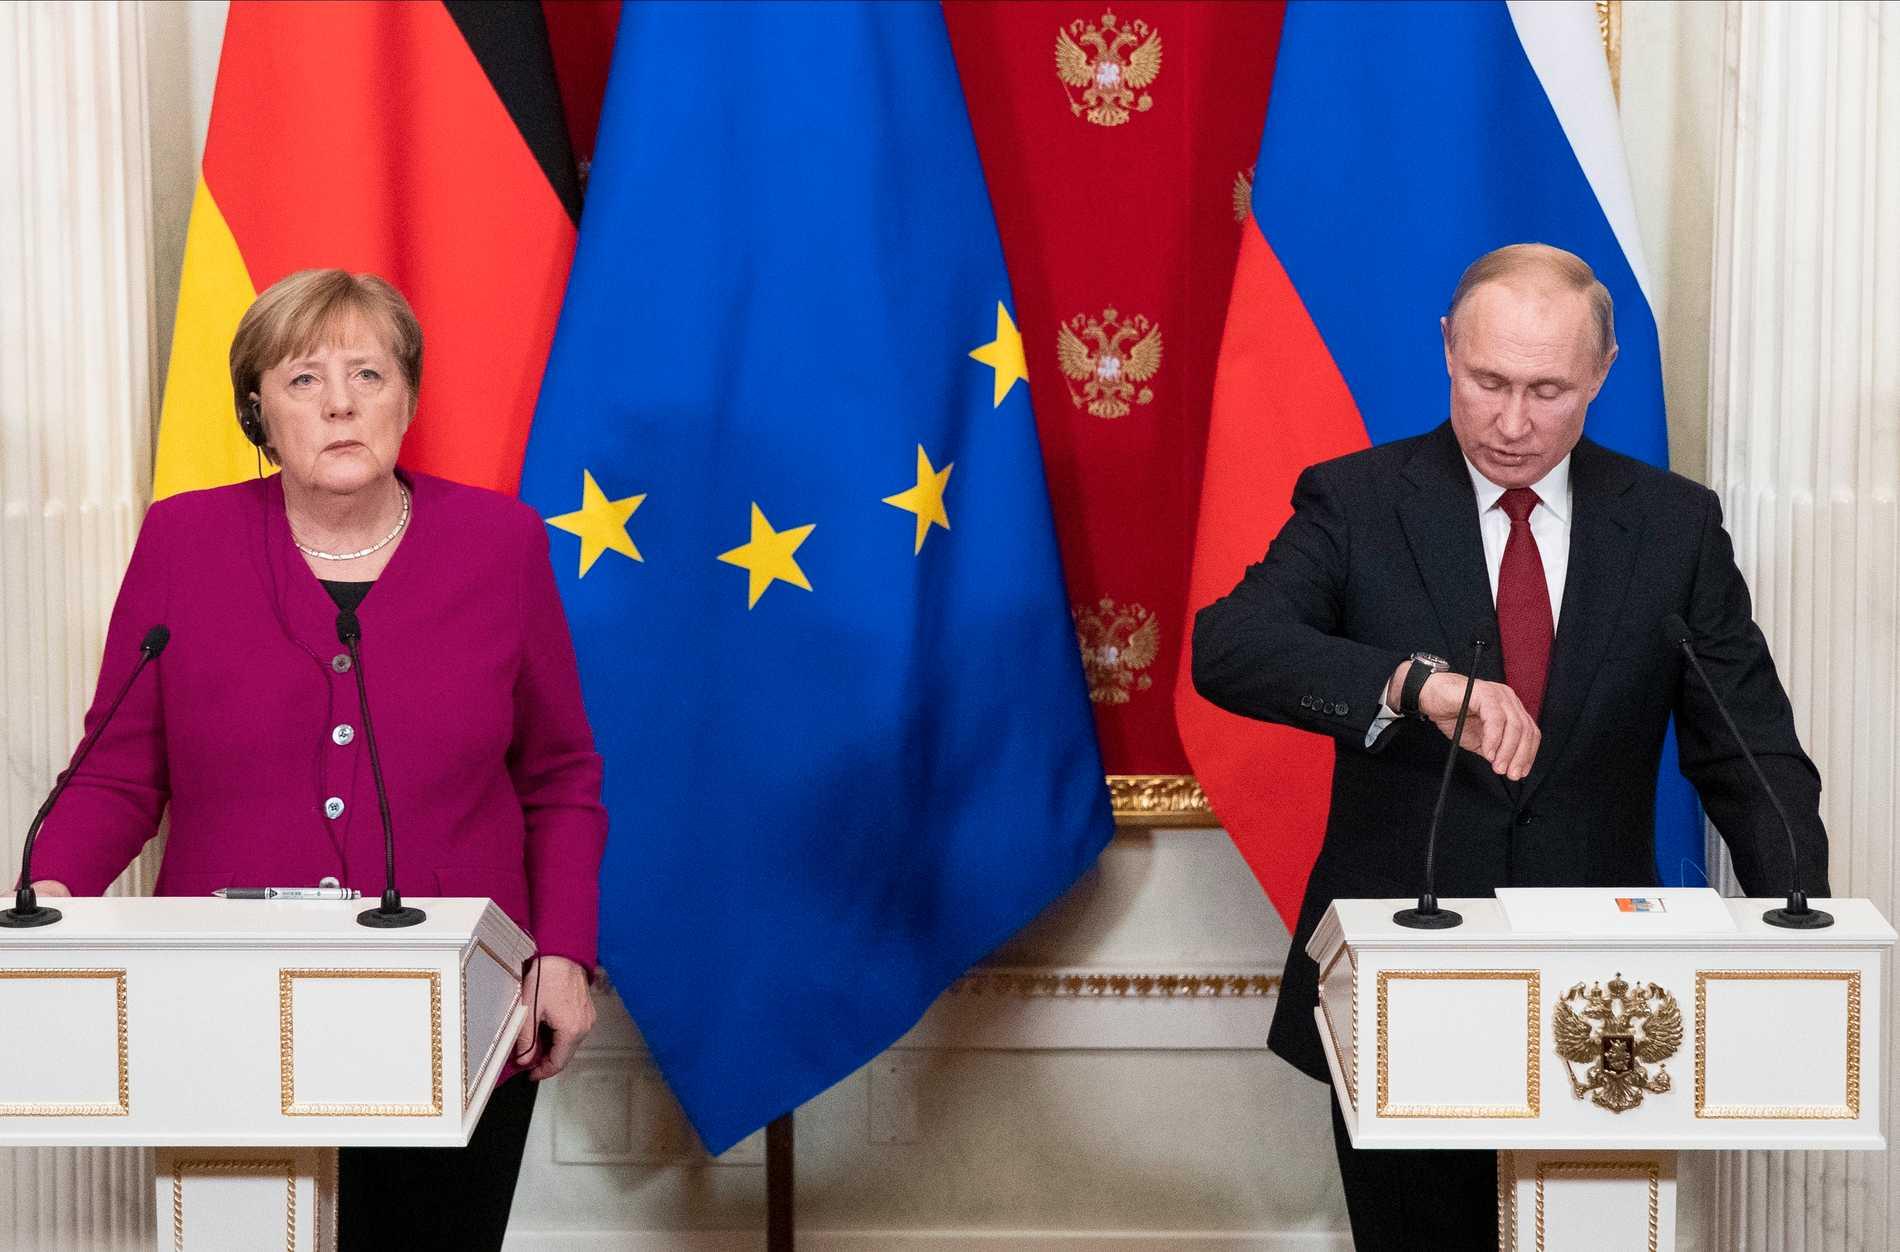 Tiden är inne för ännu en spionaffär att förpesta relationen mellan förbundskansler Angela Merkel och president Vladimir Putin. Arkivbild.